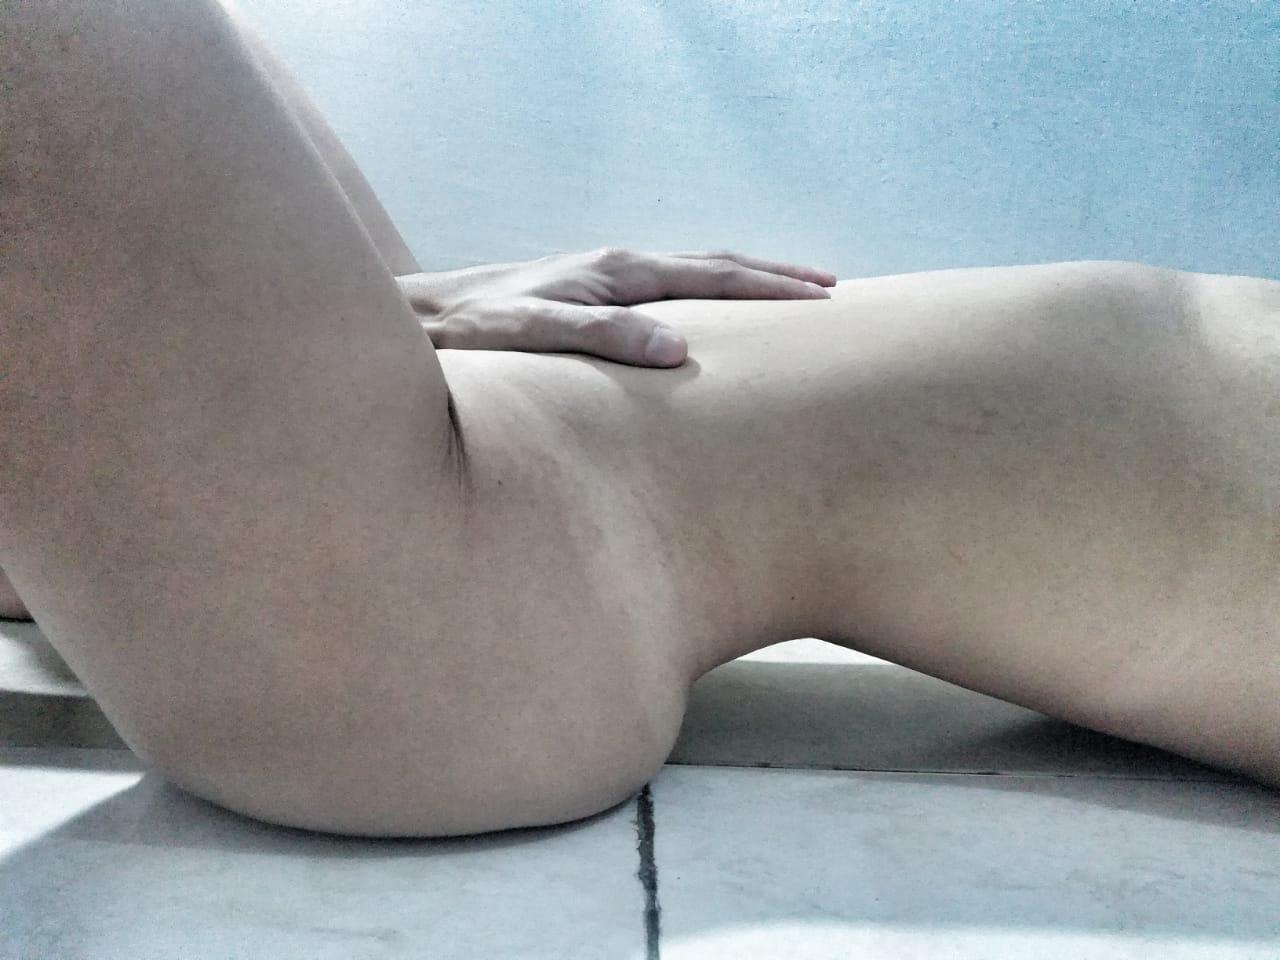 Sex horny?s=je6ydi5px08blueg9zt2gogeoz4wiw+nin++wjeqh3y=